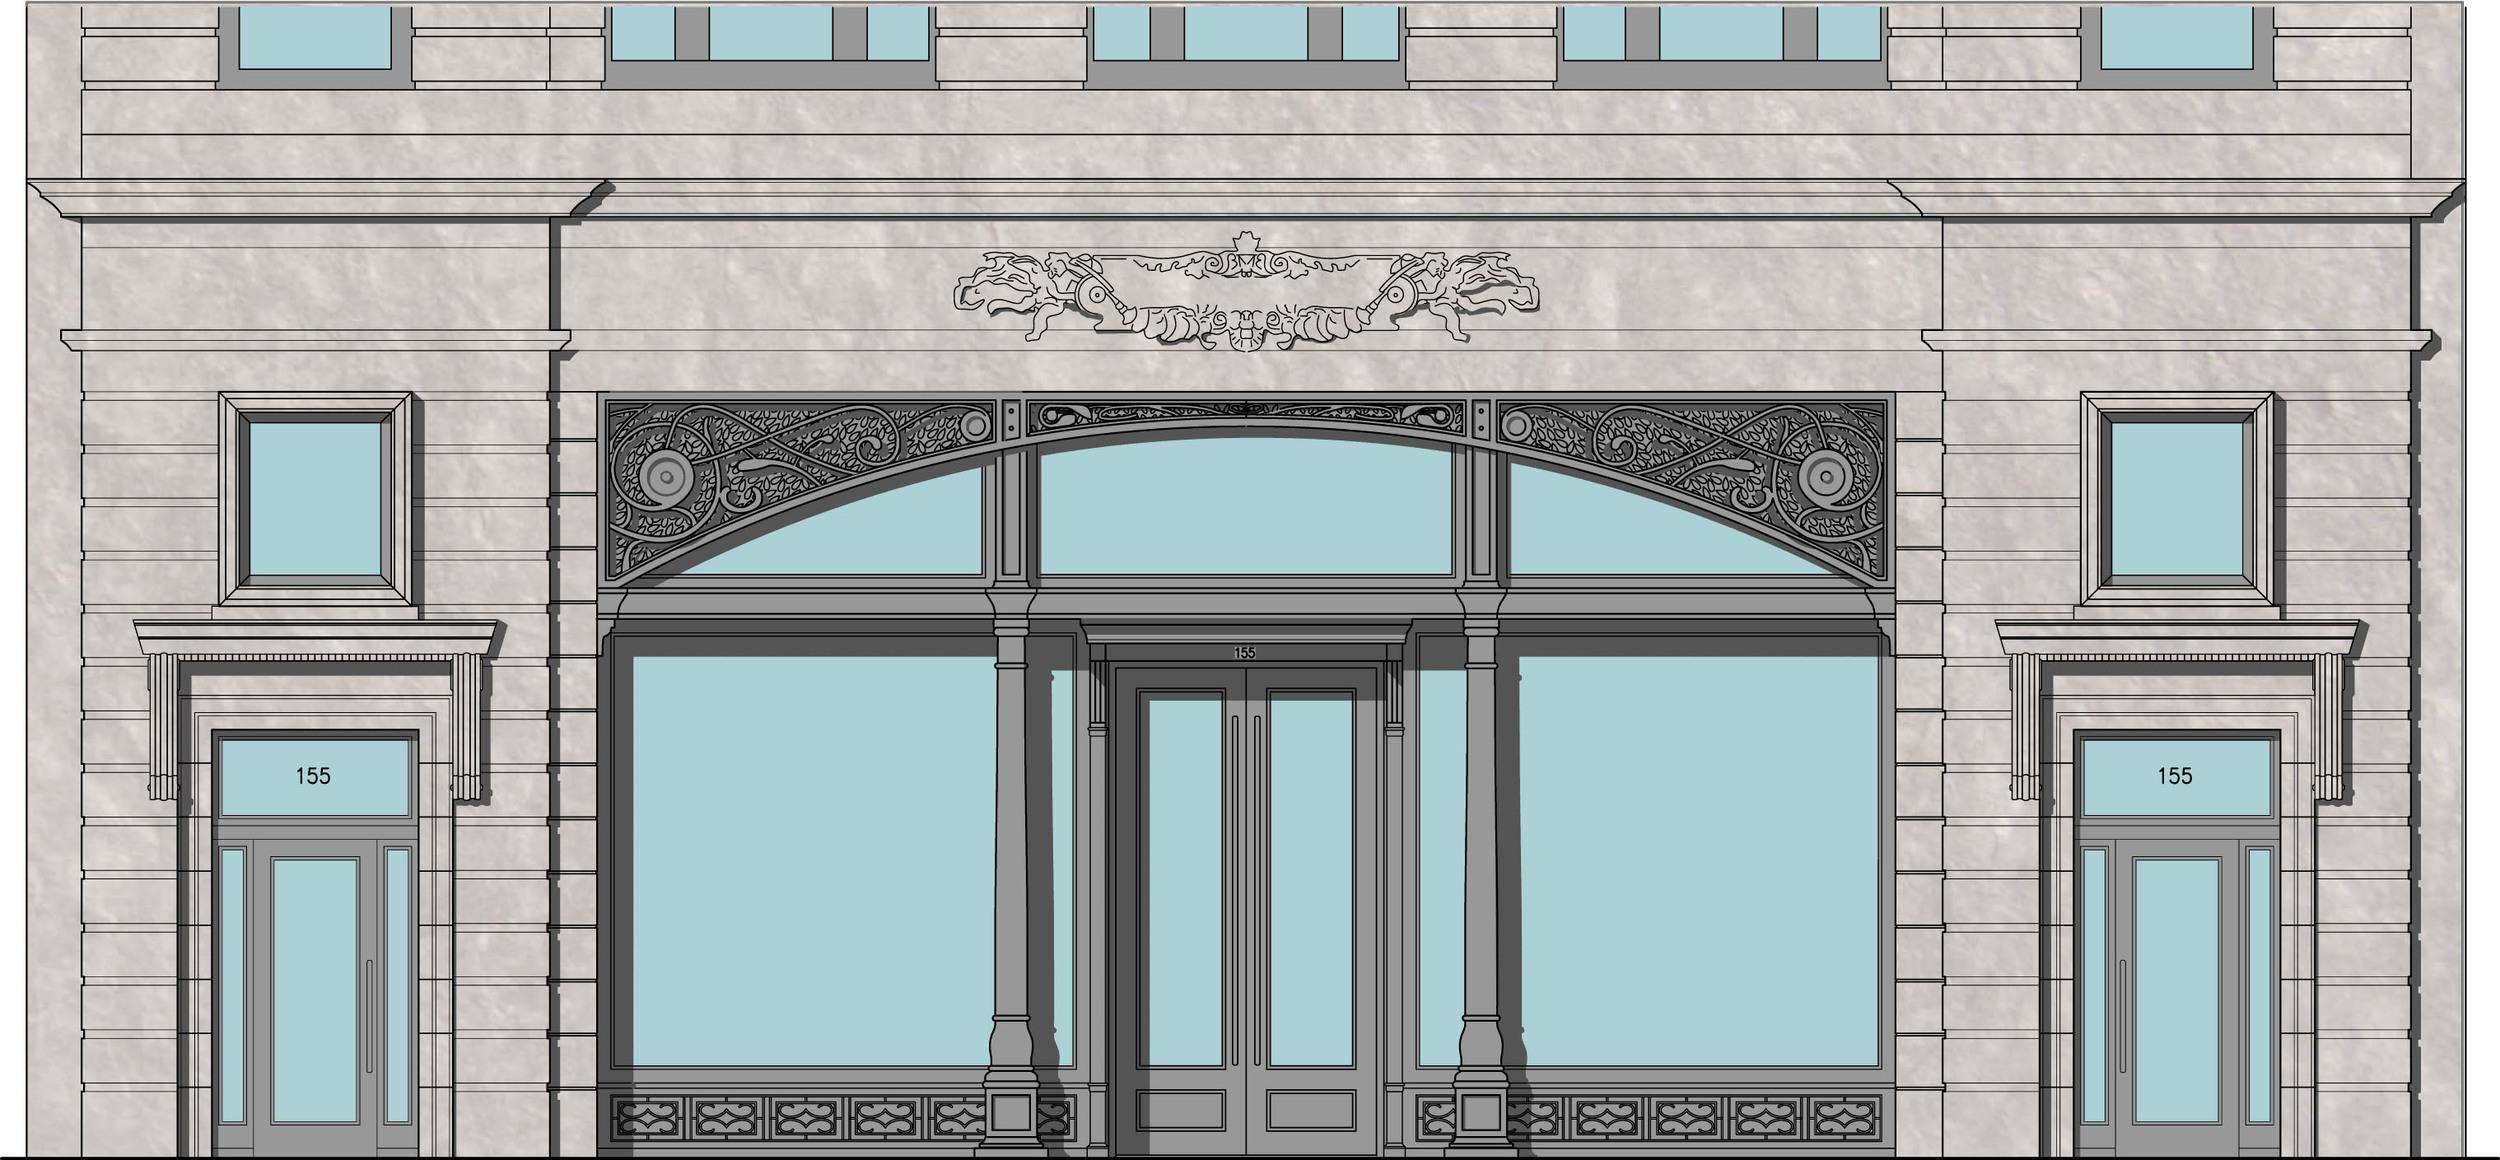 storefront elevation.jpg